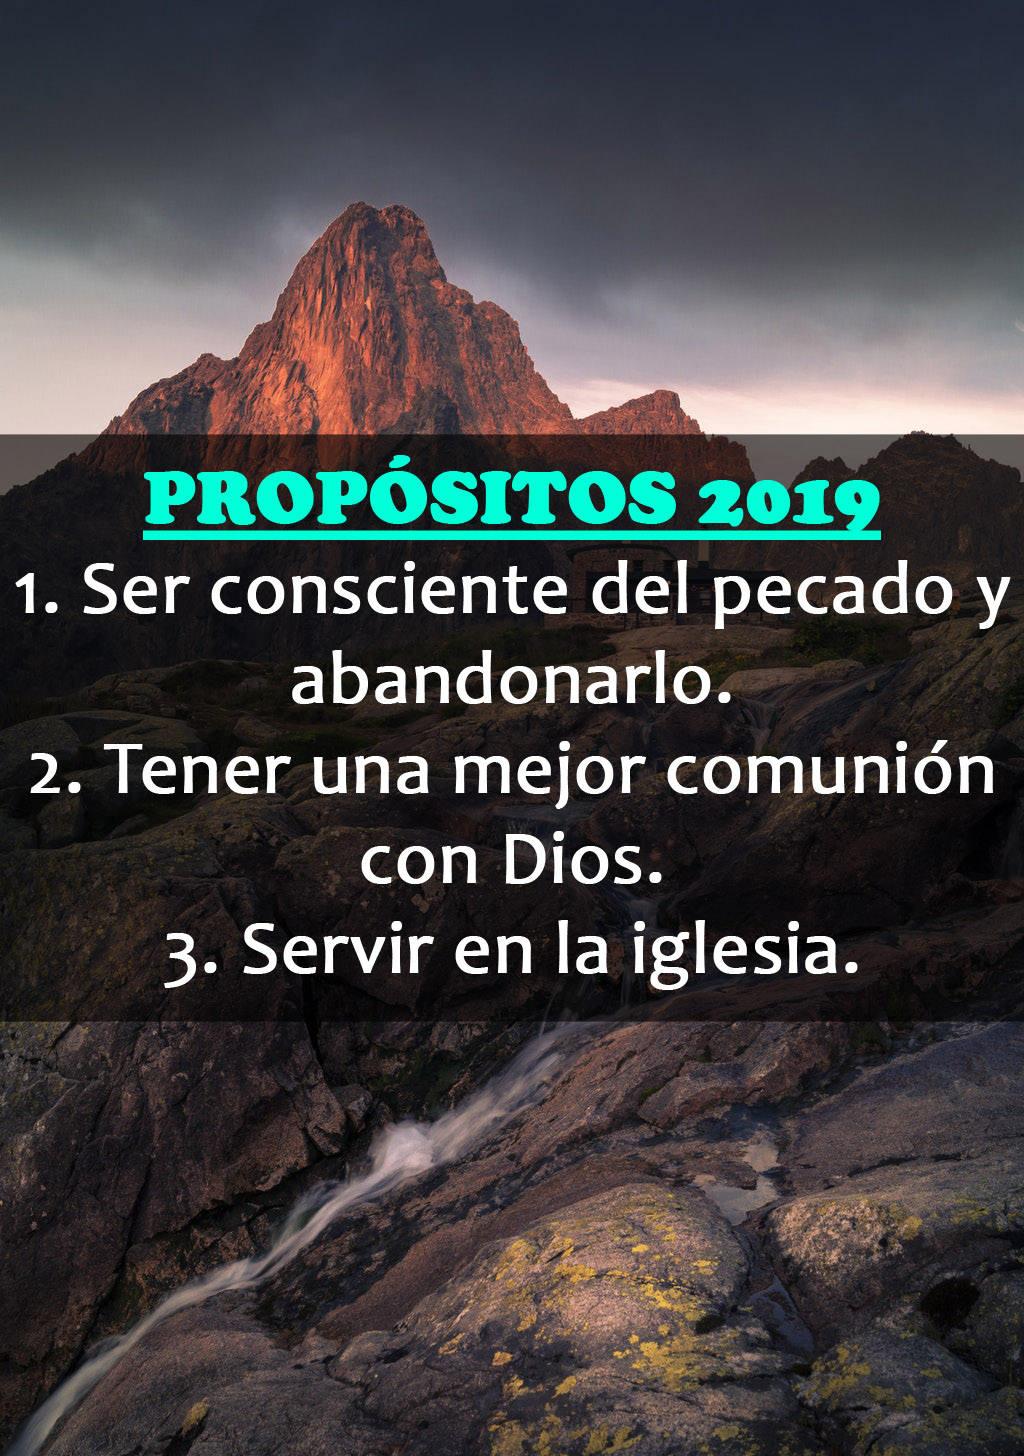 Imagenes cristianas con los propositos para este año